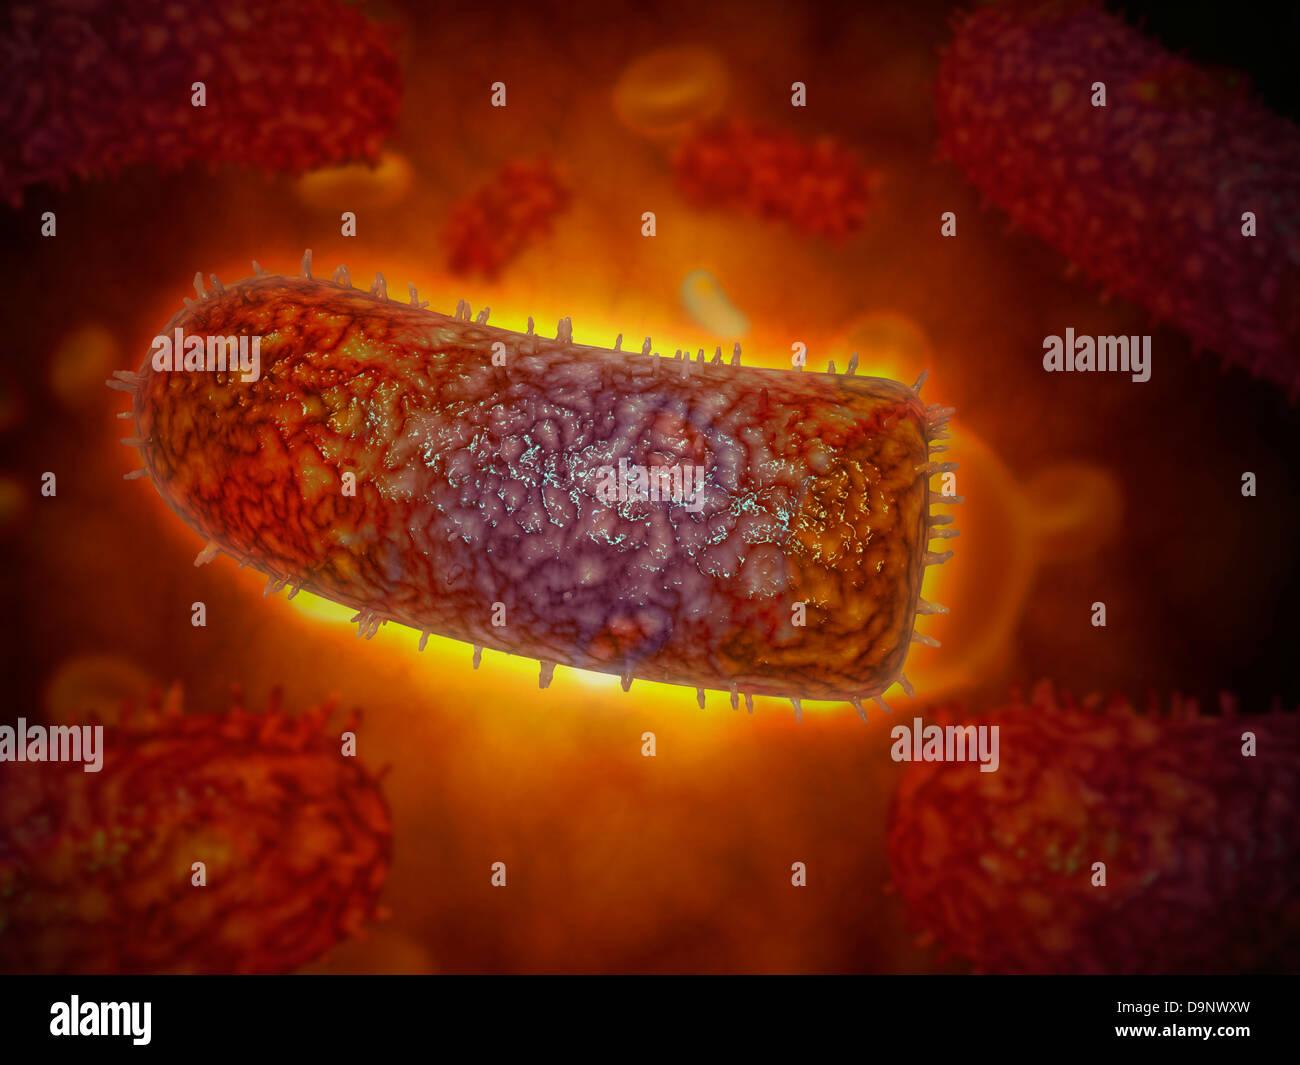 Stilisierte Tollwut-Virus-Partikel, die Ursache für die virale Neuroinvasive Krankheit akute Enzephalitis. Stockbild